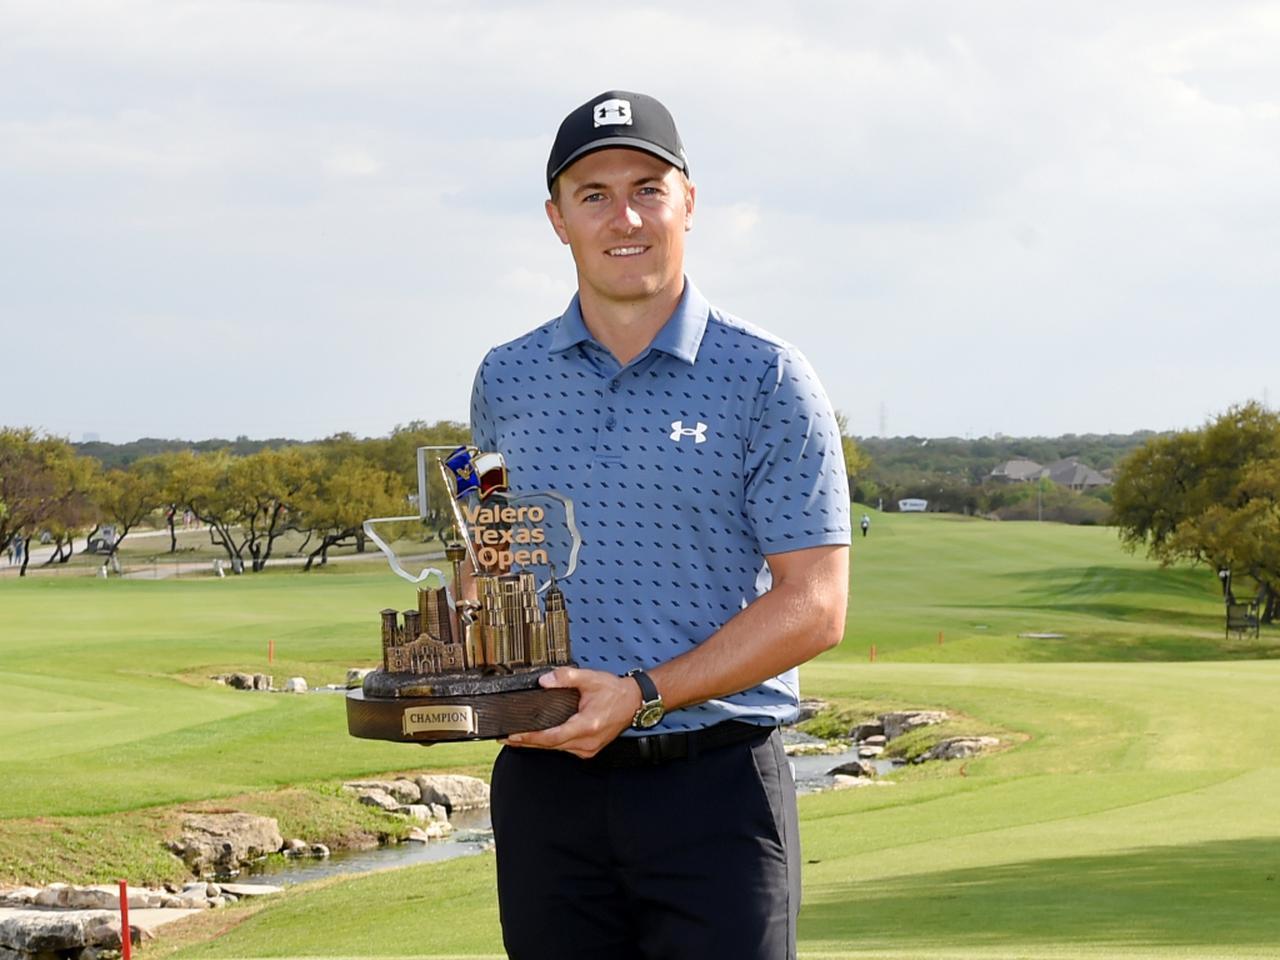 画像: PGAツアー「バレロテキサスオープン」で復活優勝を遂げたジョーダン・スピース(写真/Getty Images)